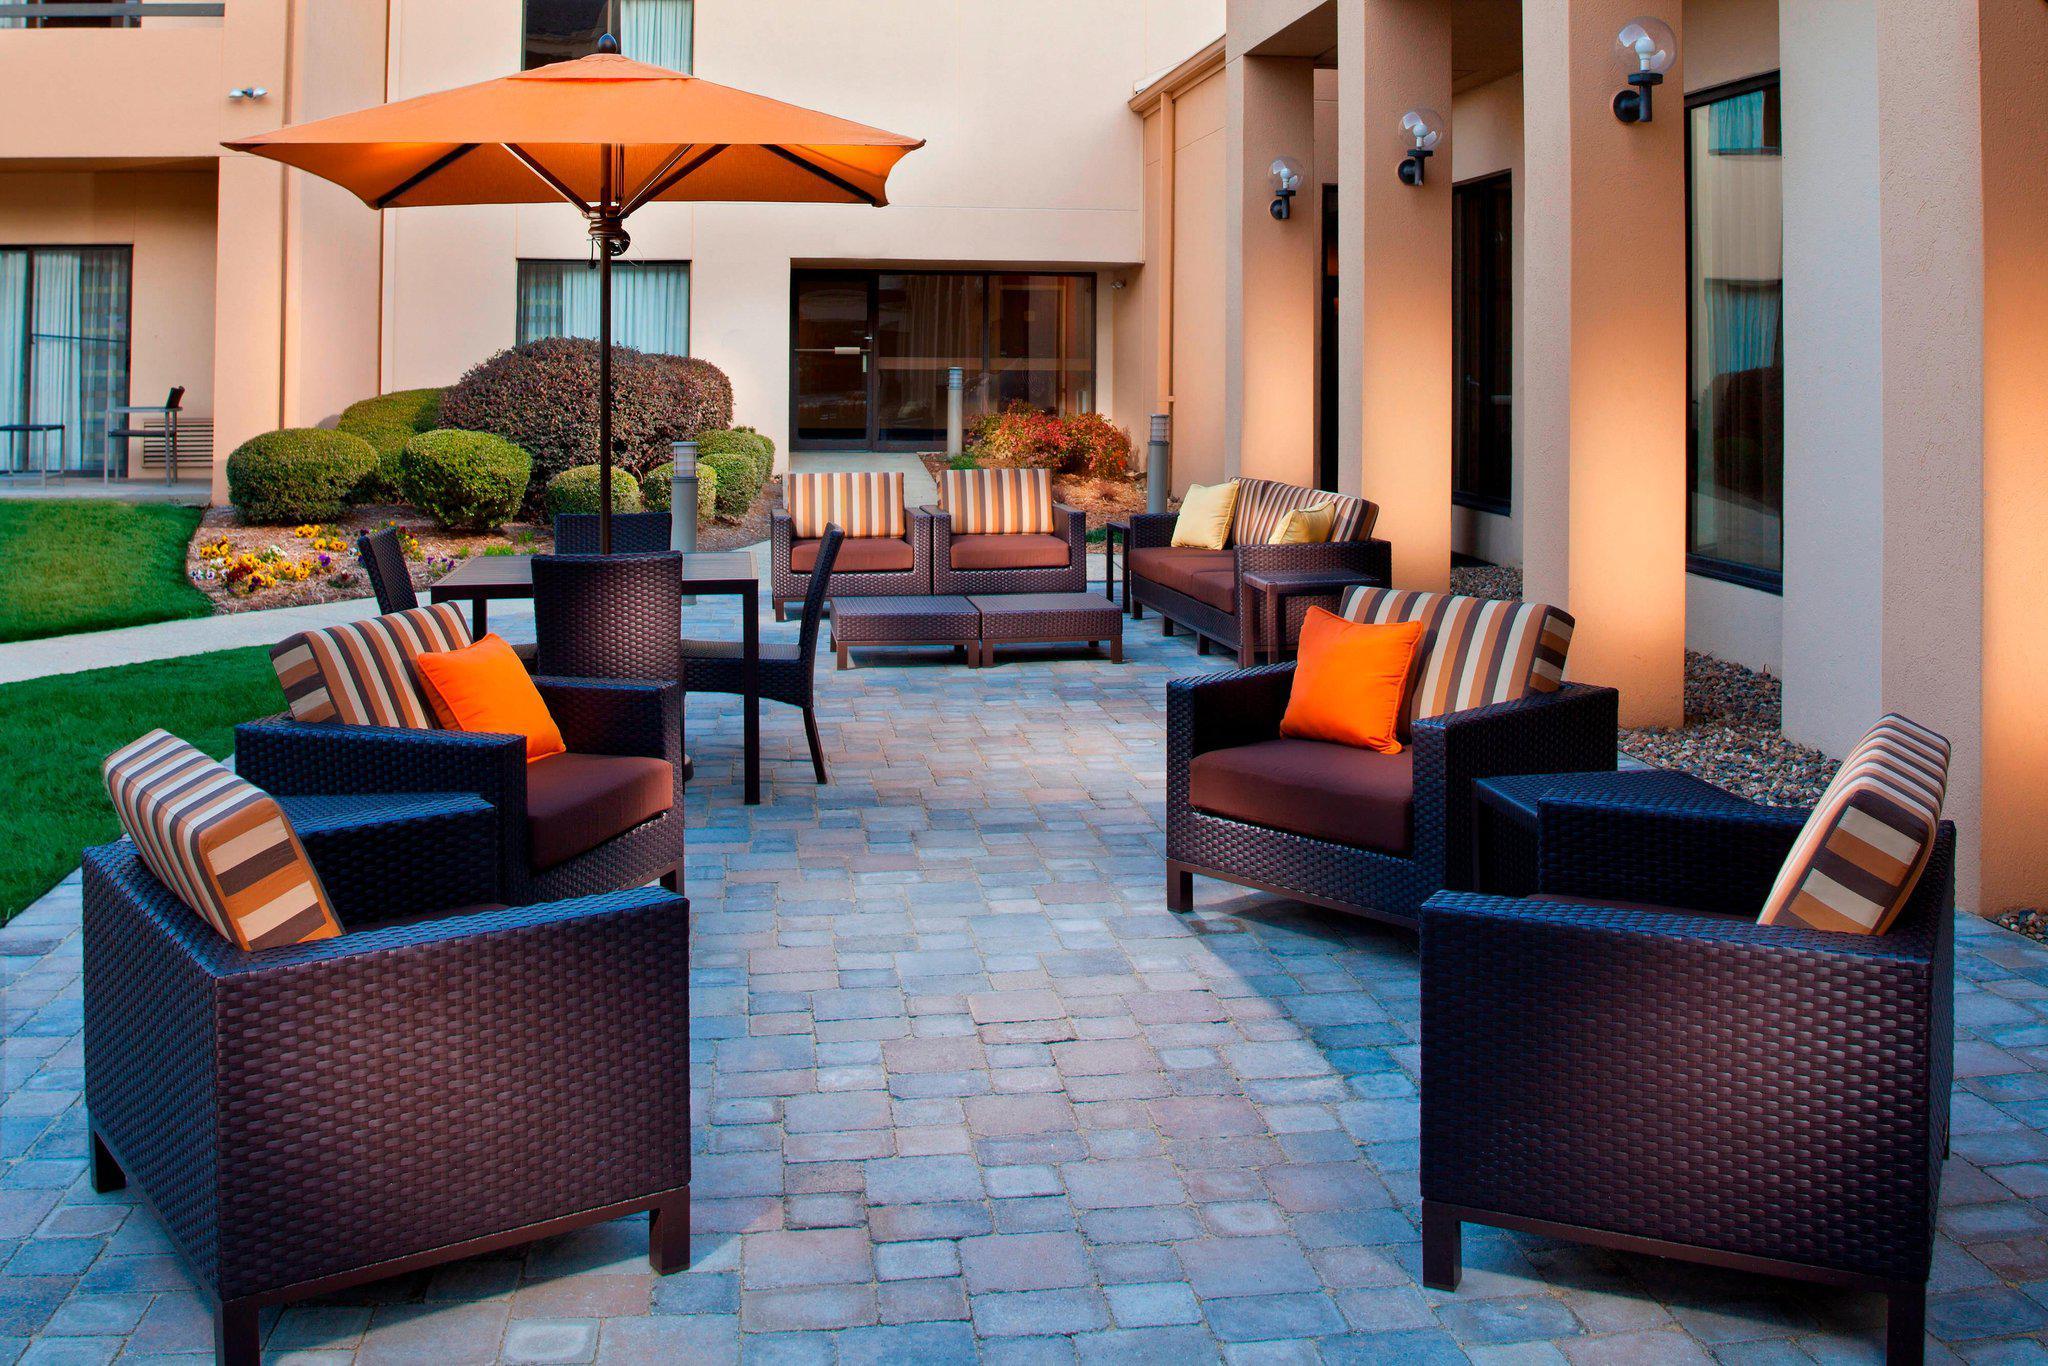 Courtyard by Marriott Little Rock West